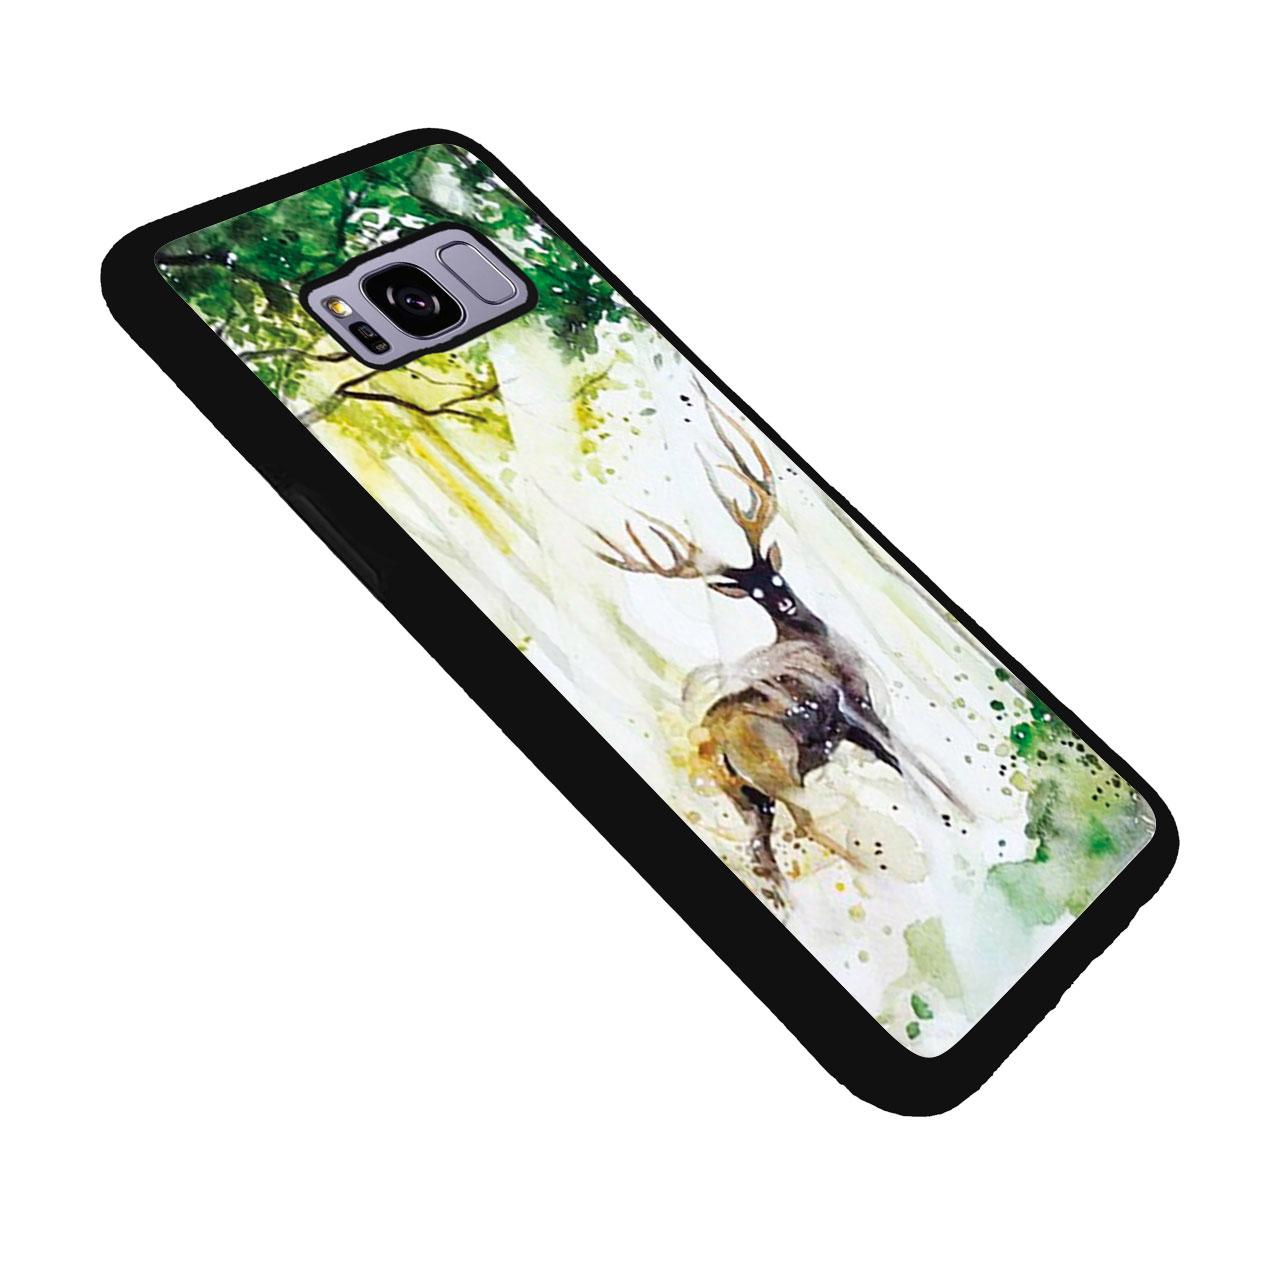 کاور زیزیپ مدل 122G - 2d مناسب برای گوشی موبایل سامسونگ galaxy s8